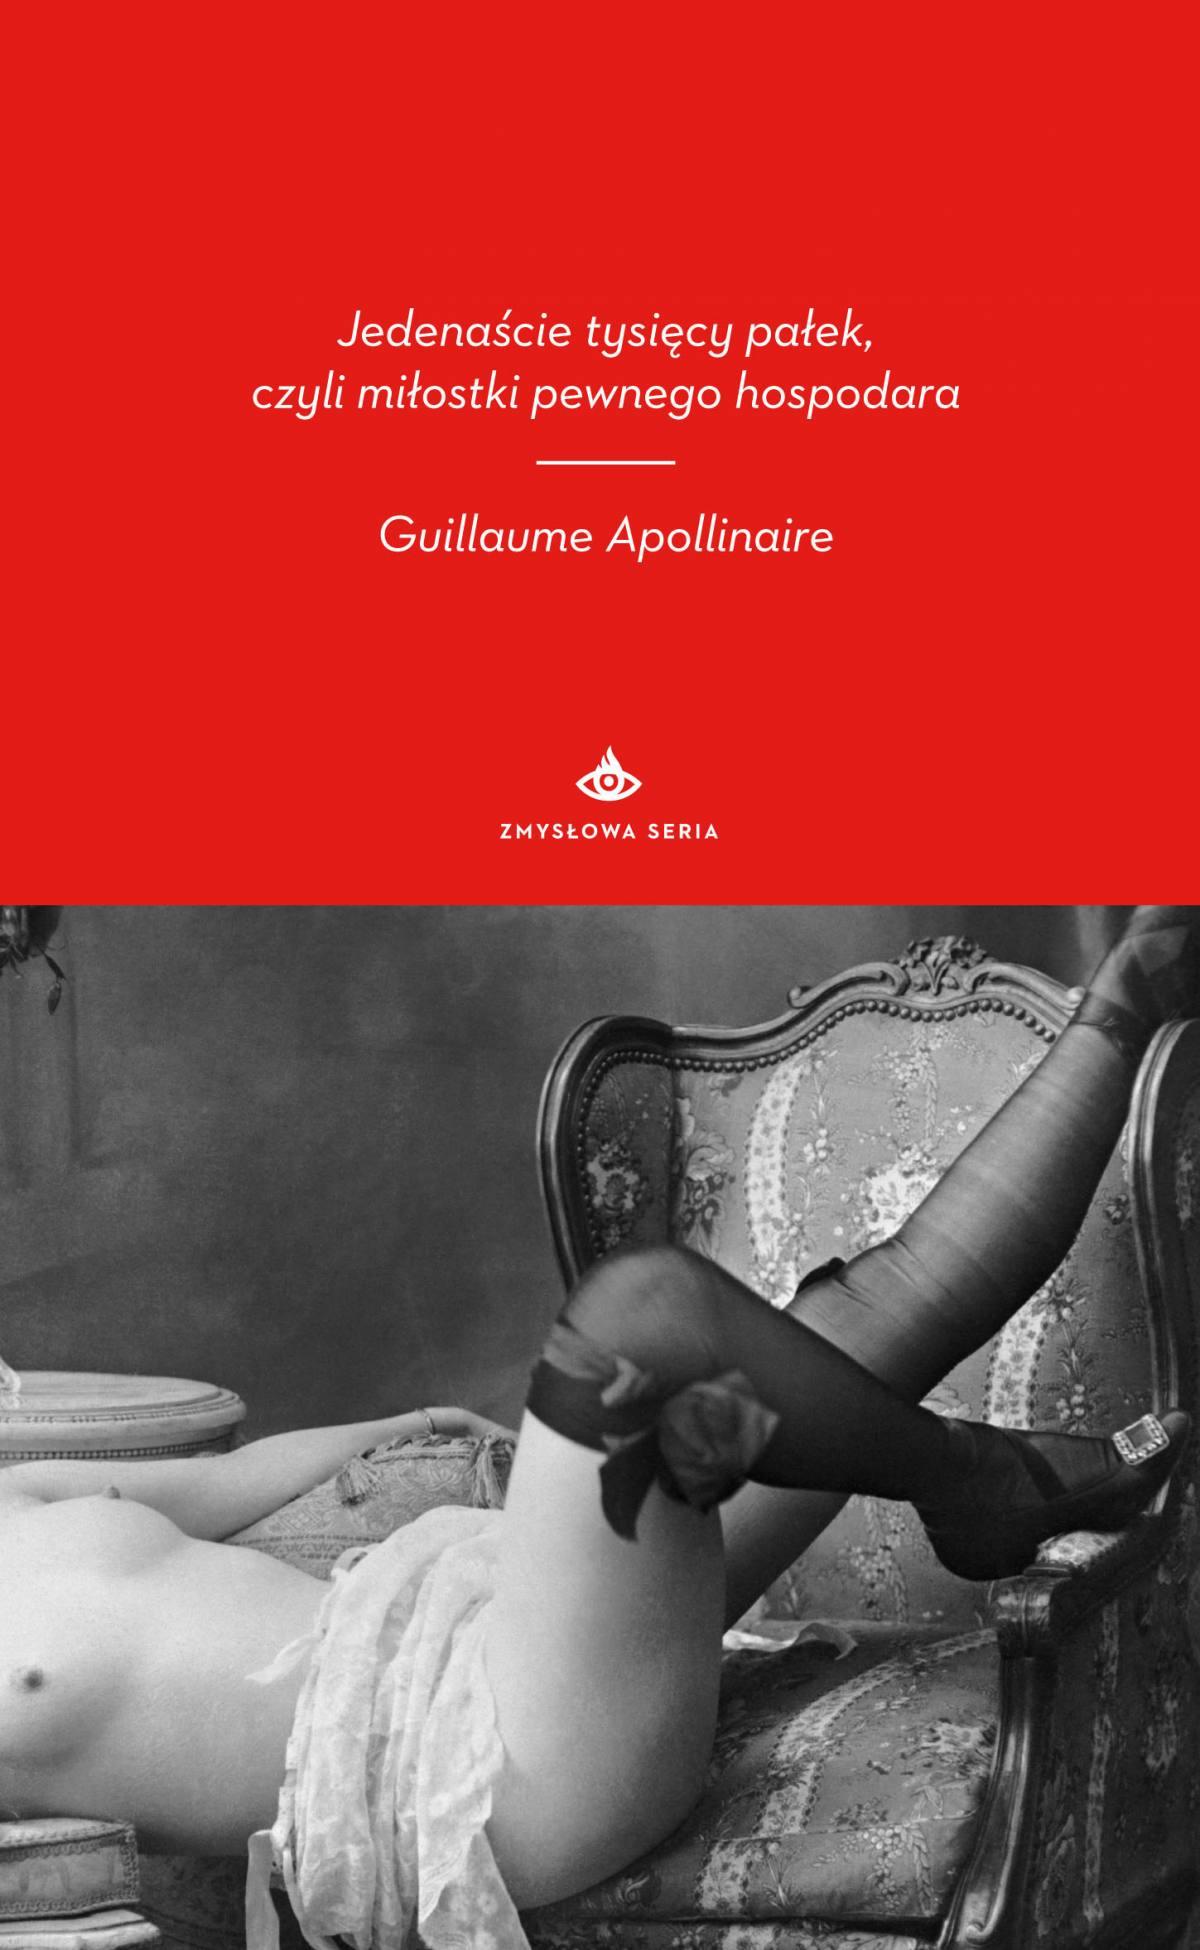 Jedenaście tysięcy pałek, czyli miłostki pewnego hospodara - Ebook (Książka EPUB) do pobrania w formacie EPUB